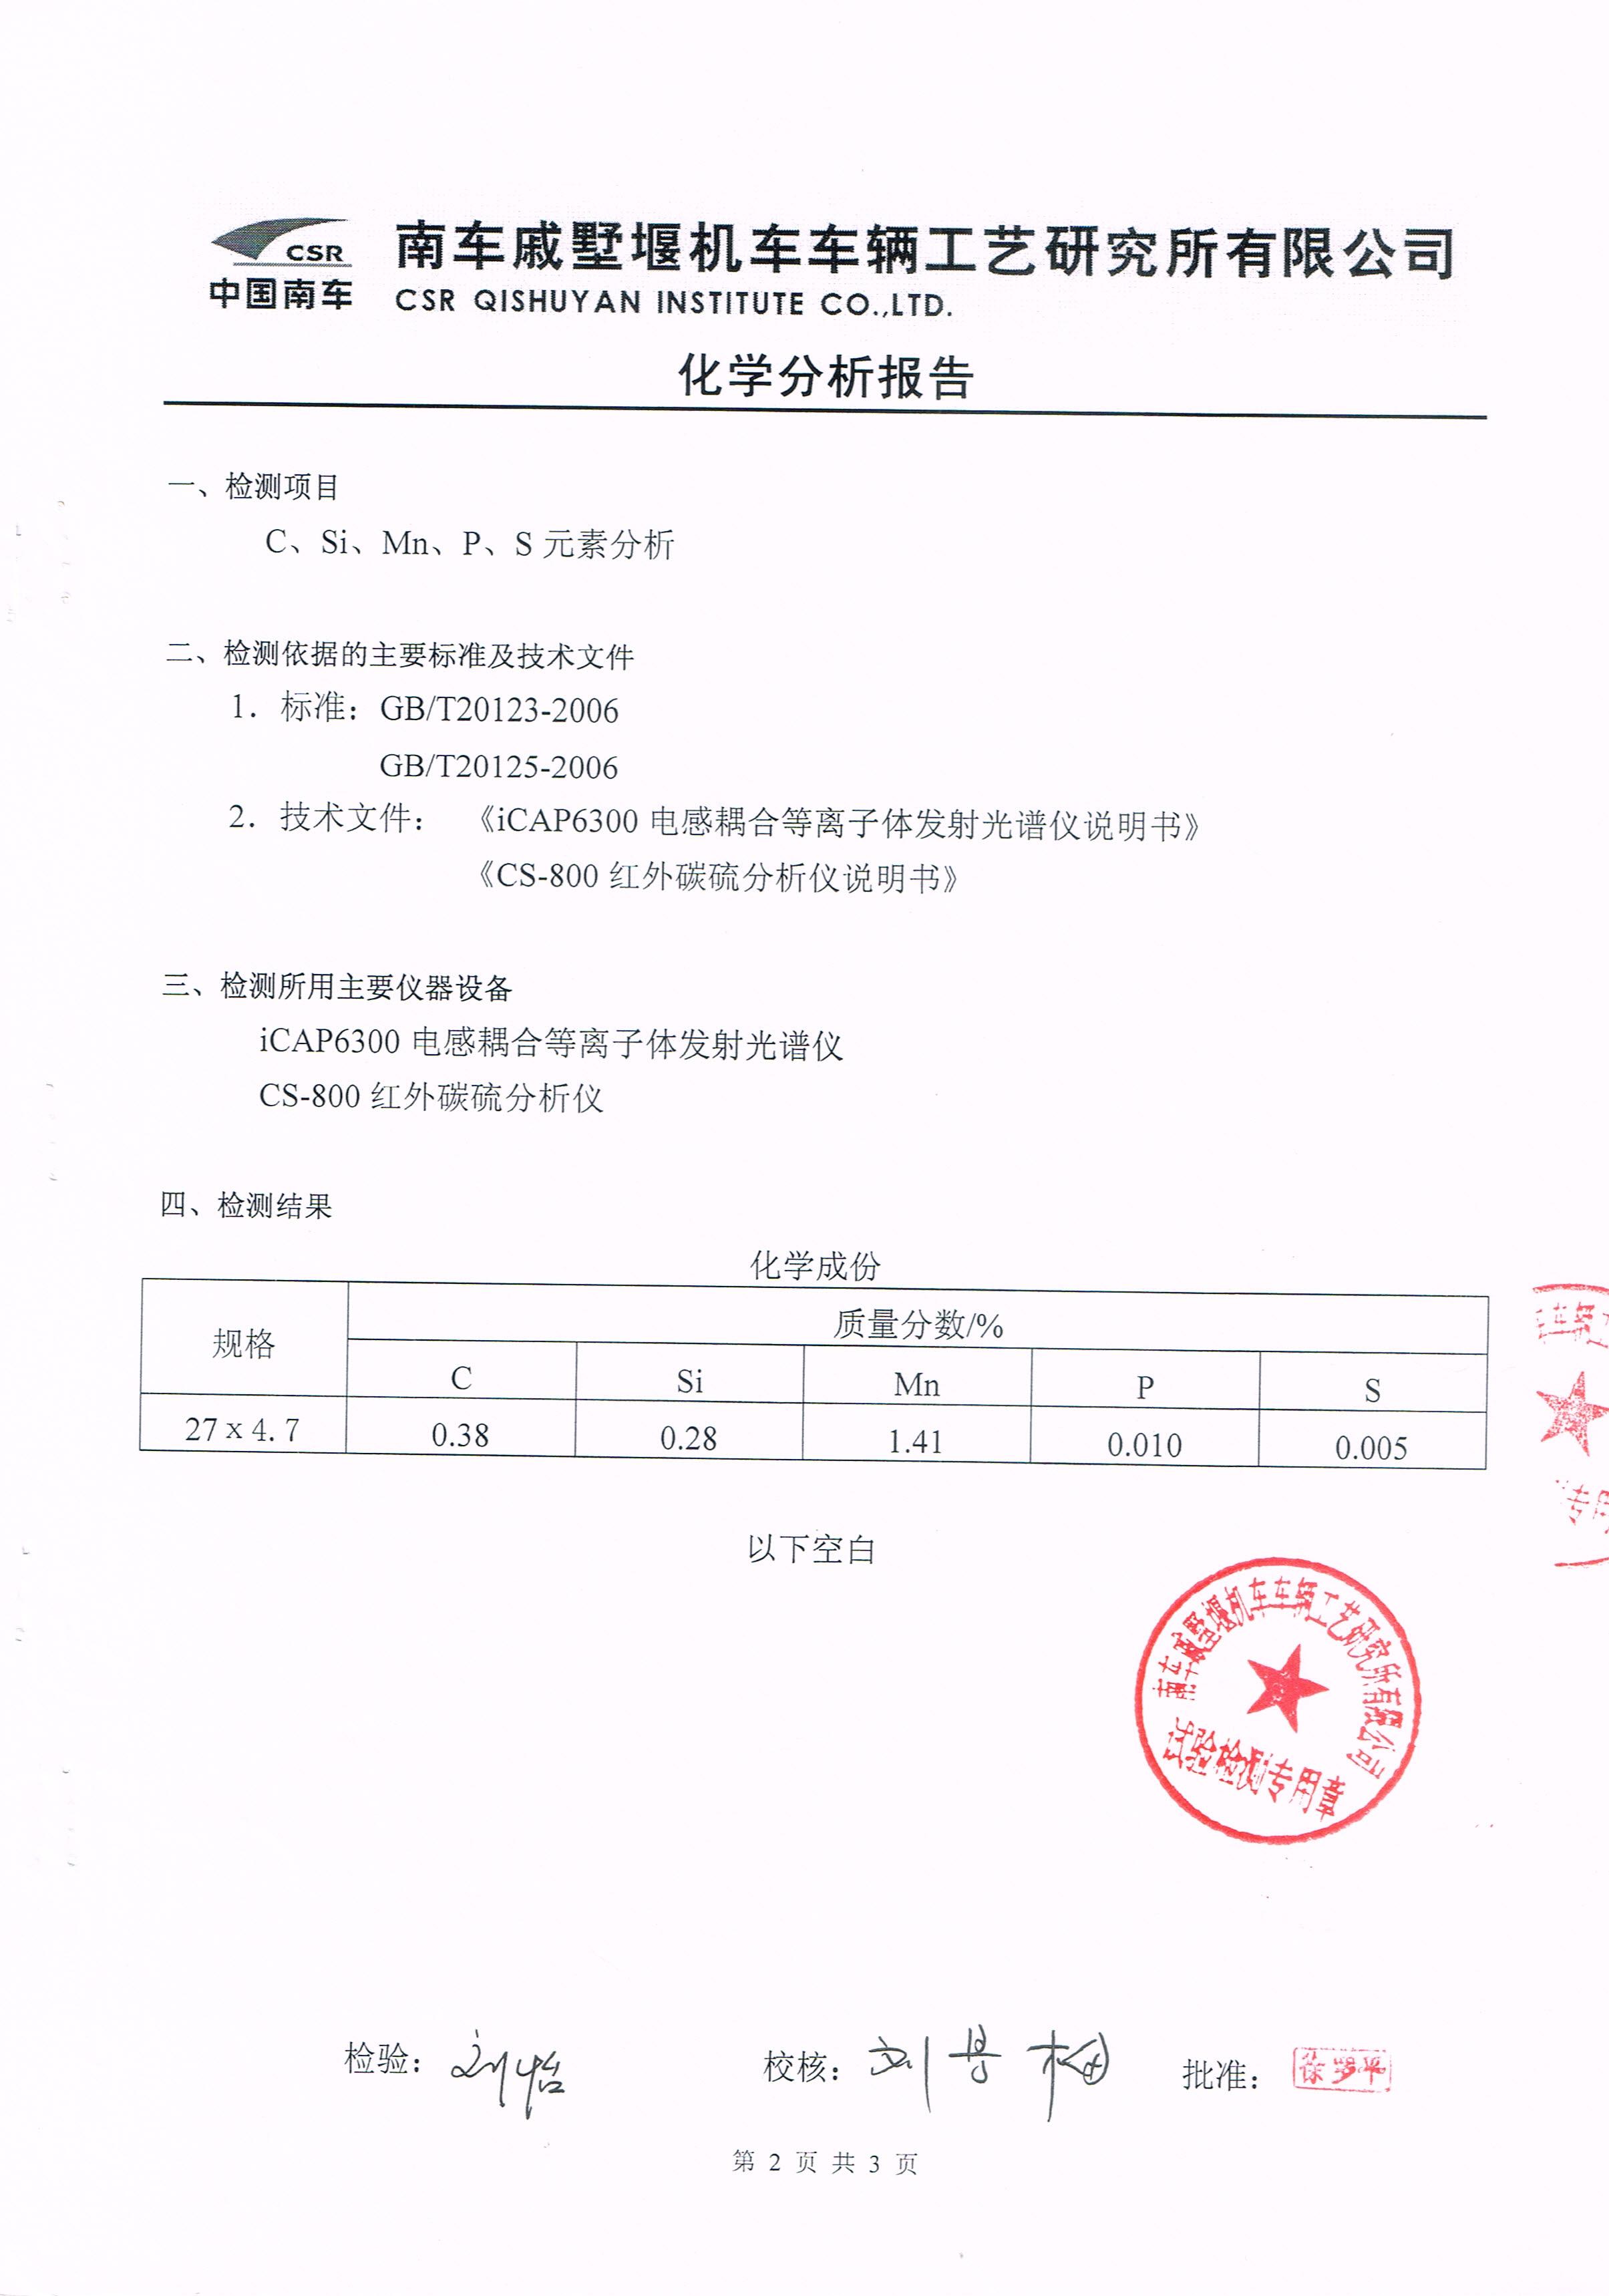 精密钢管Φ27×4.7化学分析报告